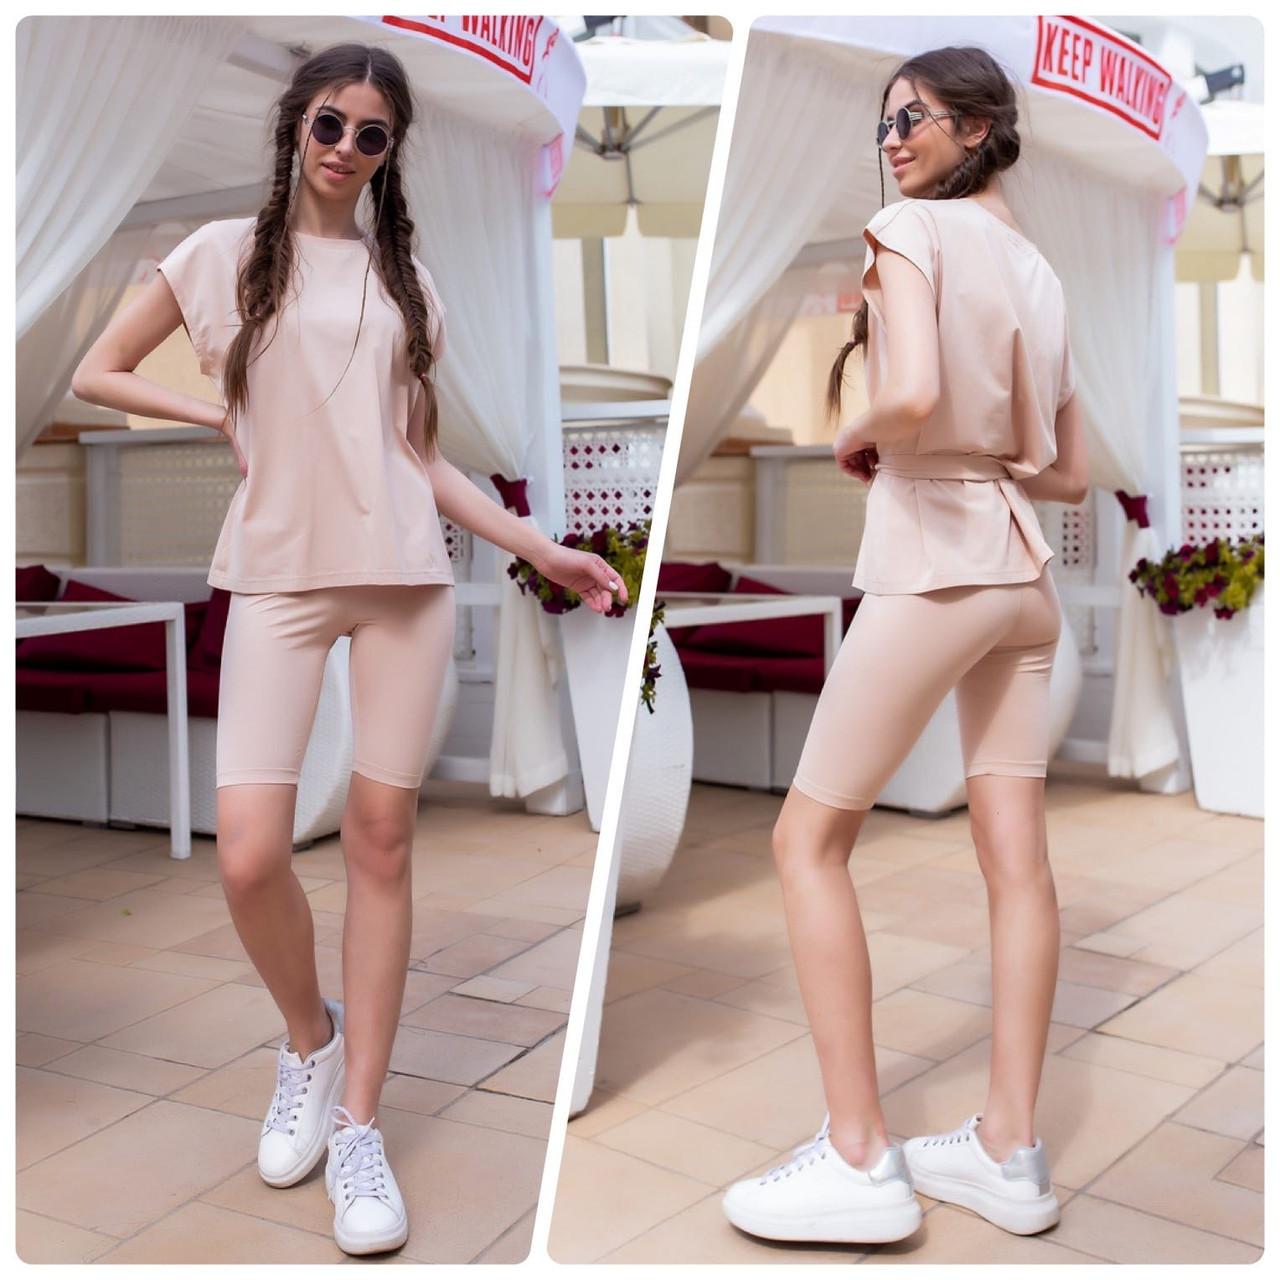 Спортивный костюм женский летний футболка+шорты, разные цвета р.42-44,46-48 код 466А